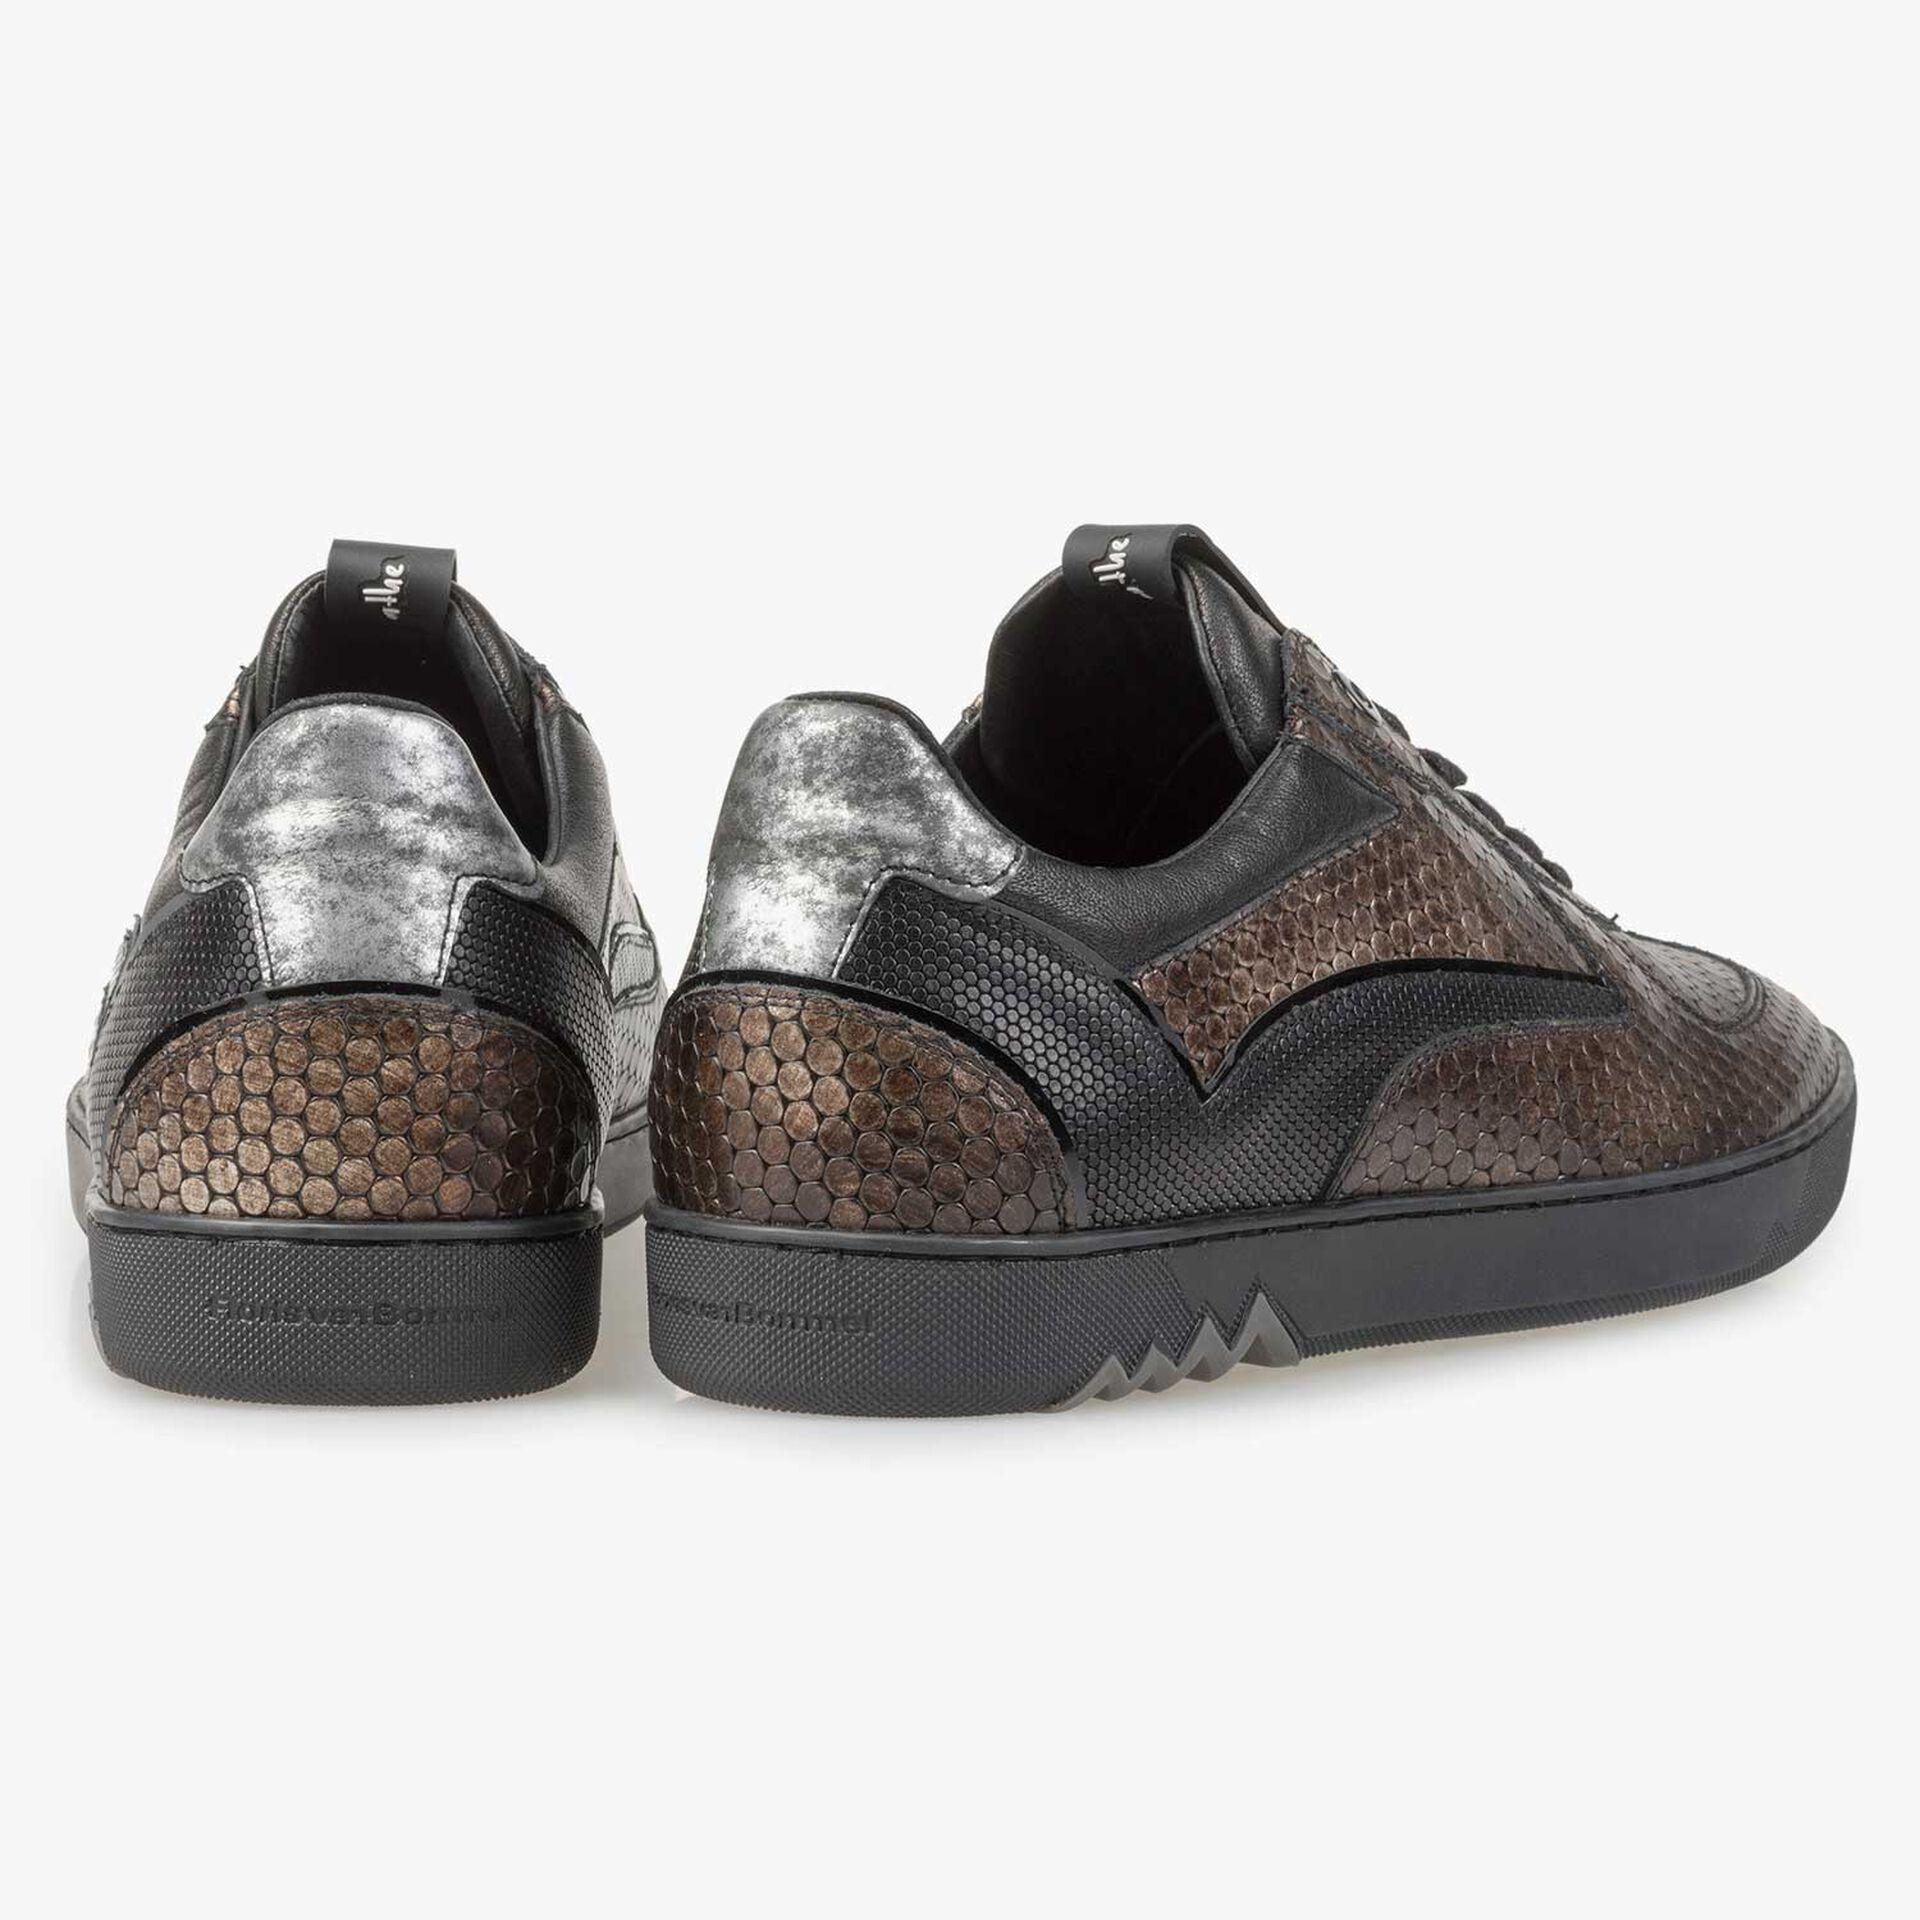 Bruine leren sneaker met metallic print